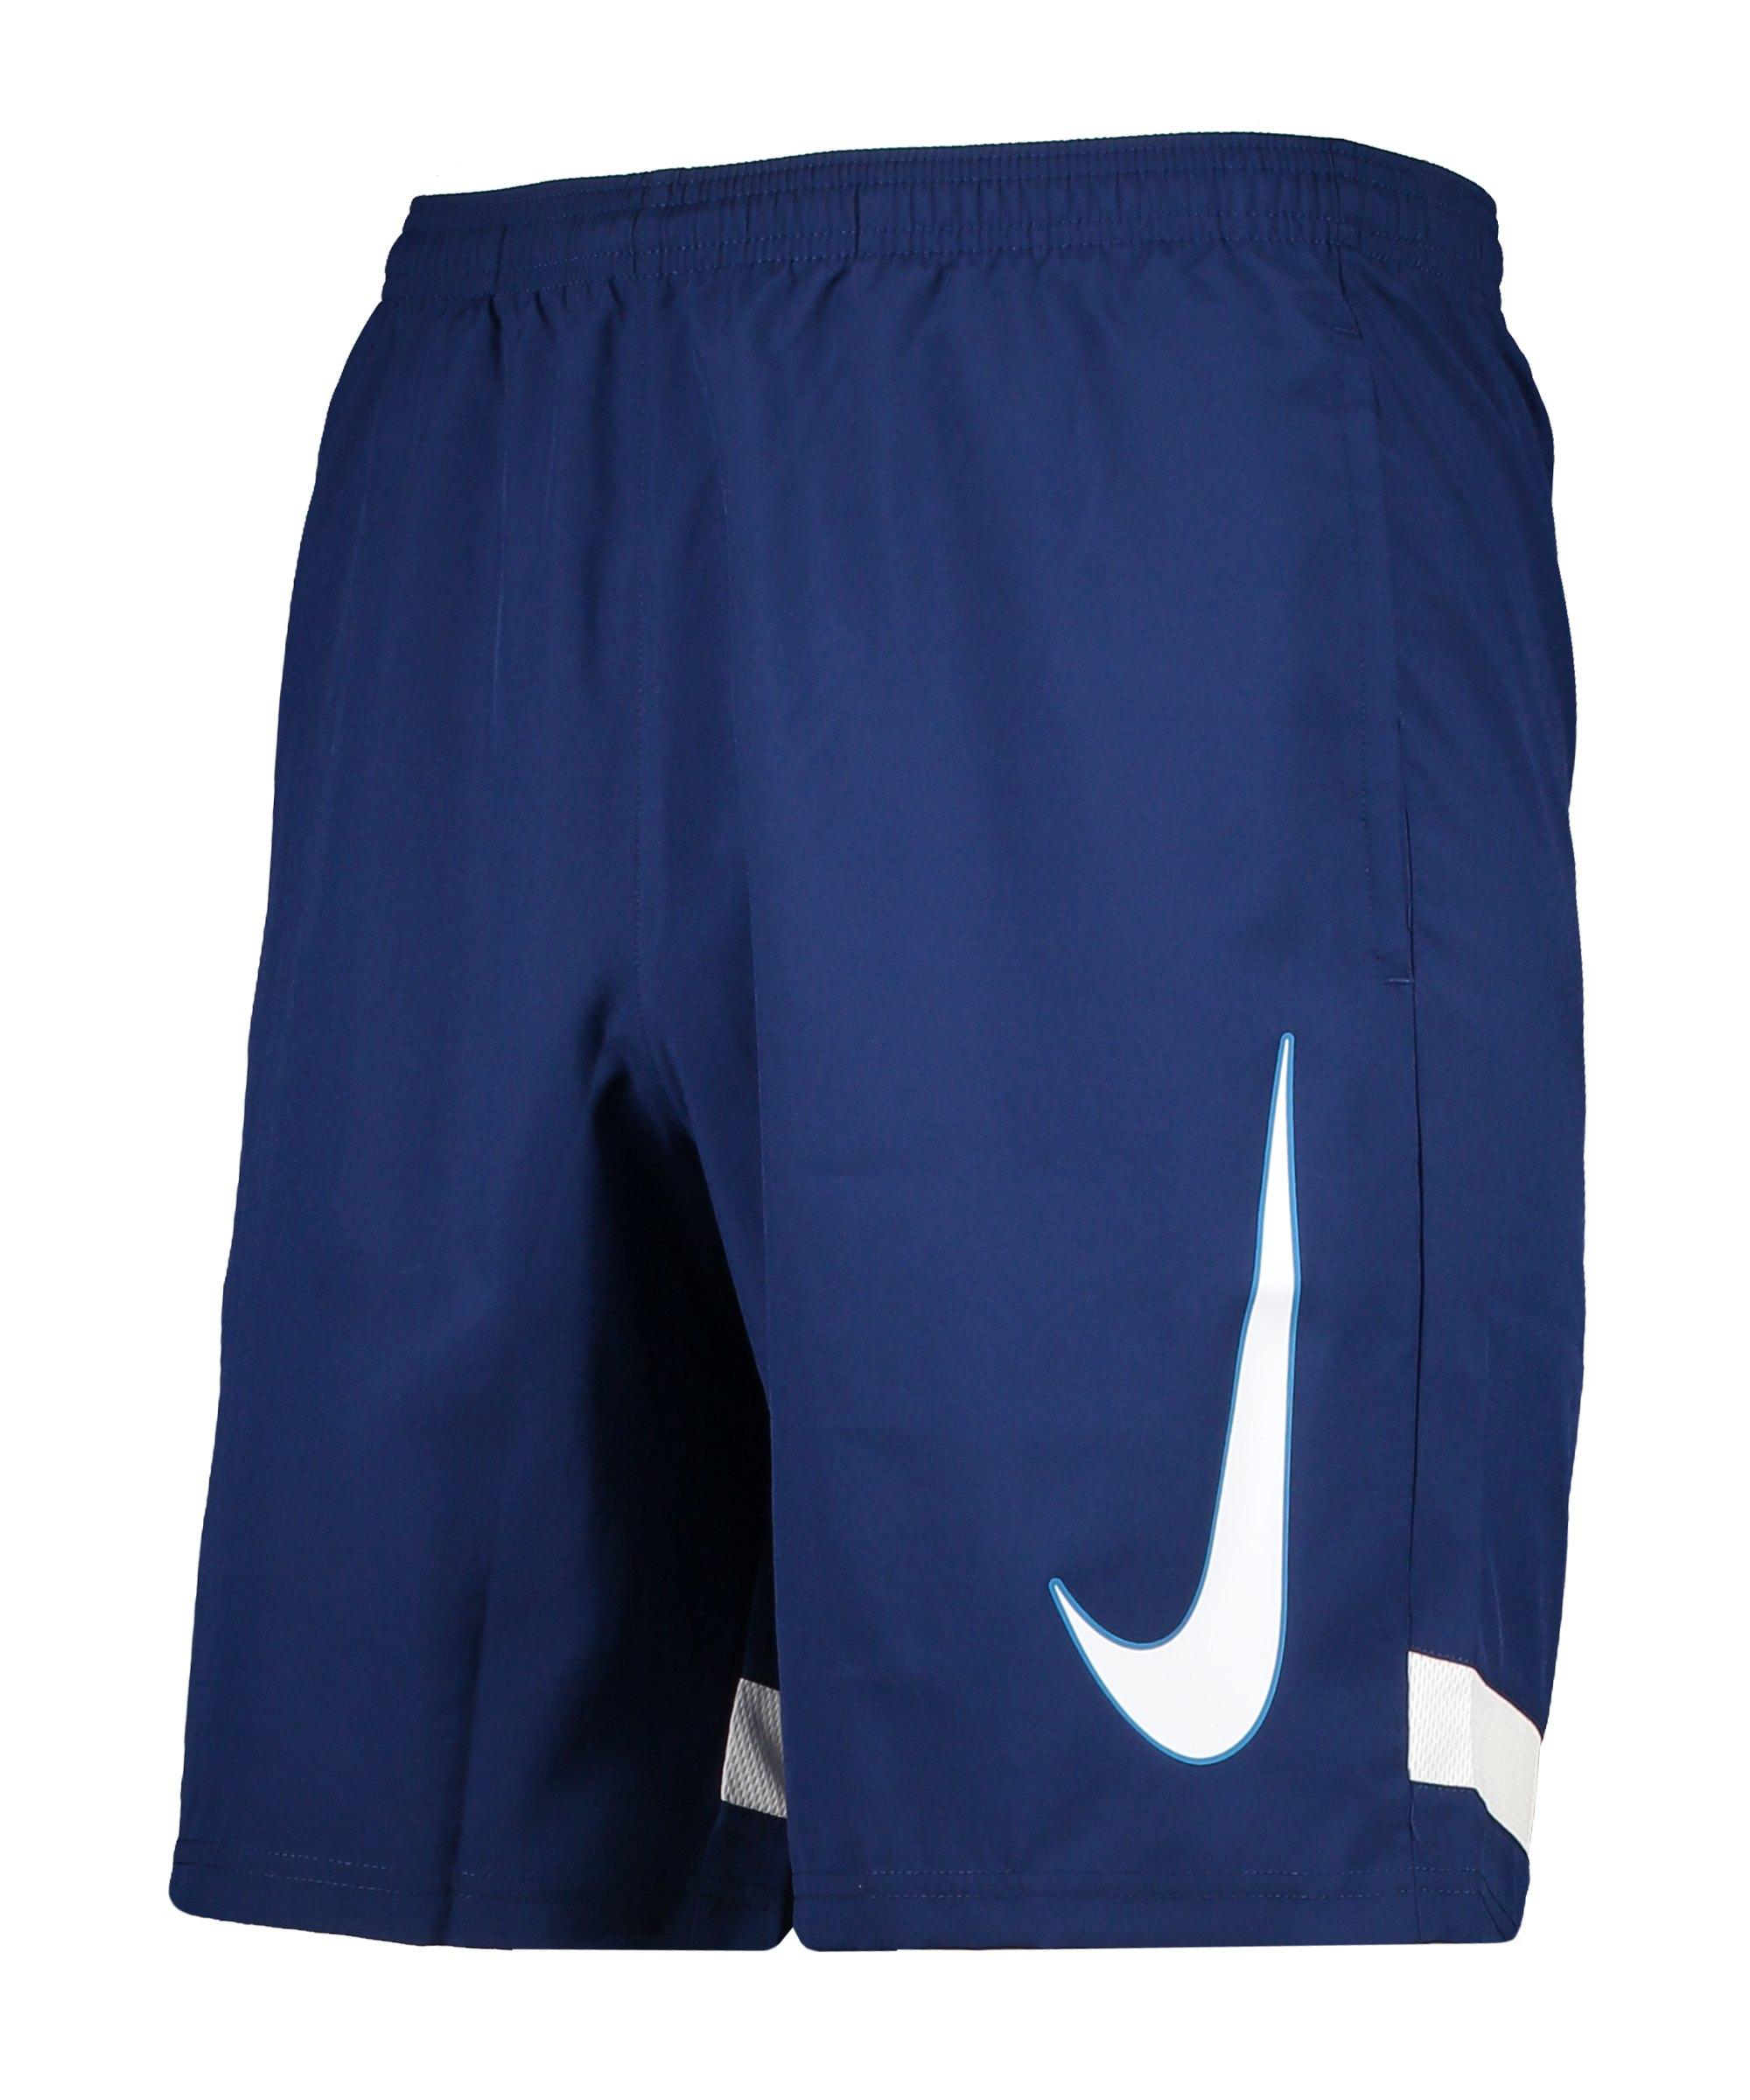 Nike Academy Short Blau Schwarz F492 - blau